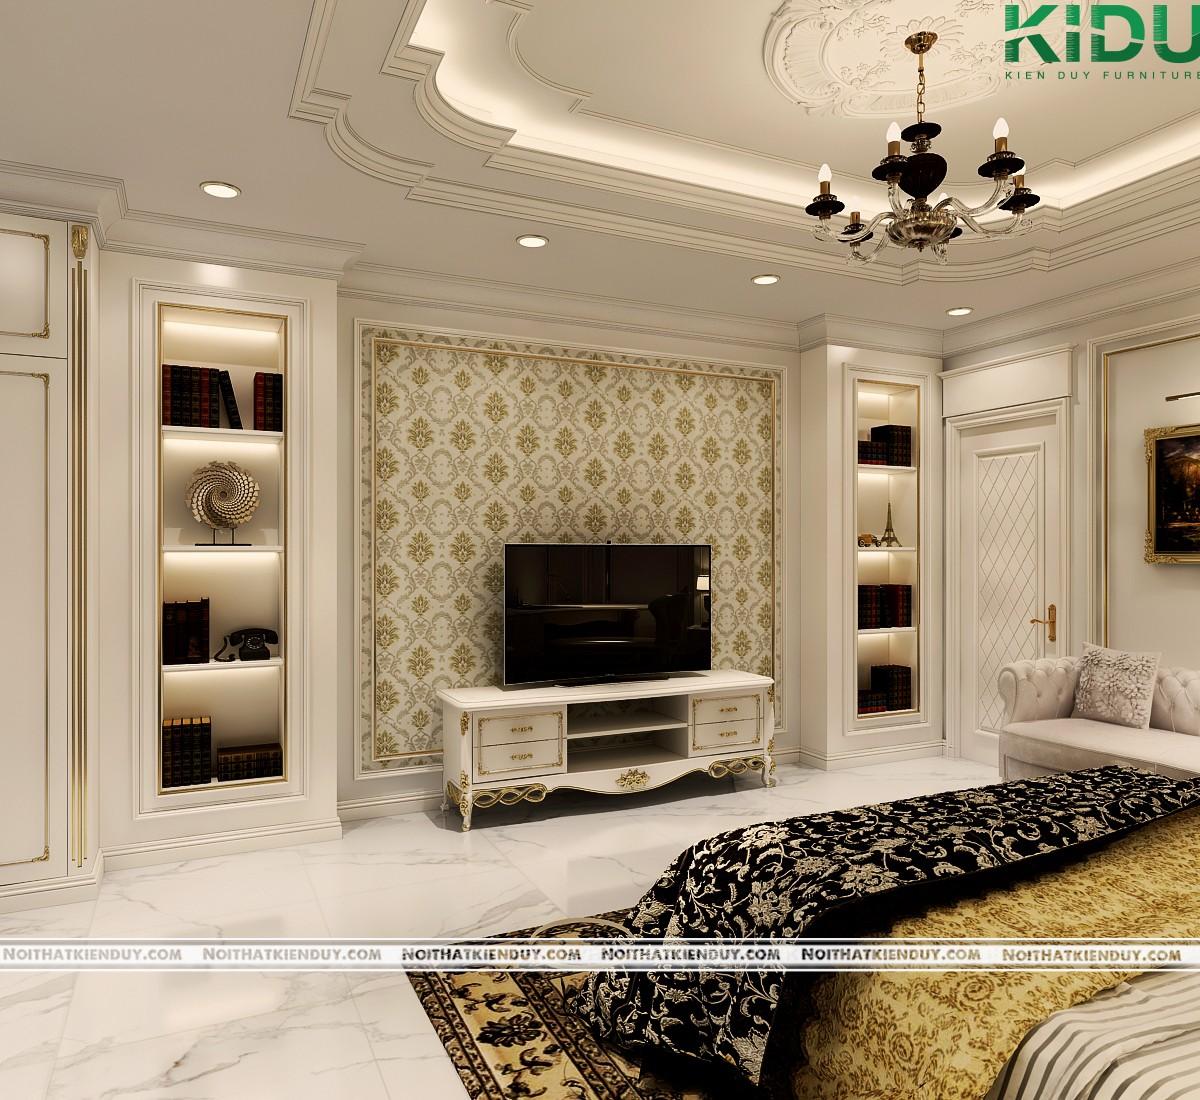 Tất cả những vật dụng và chi tiết đều phù hợp với căn phòng